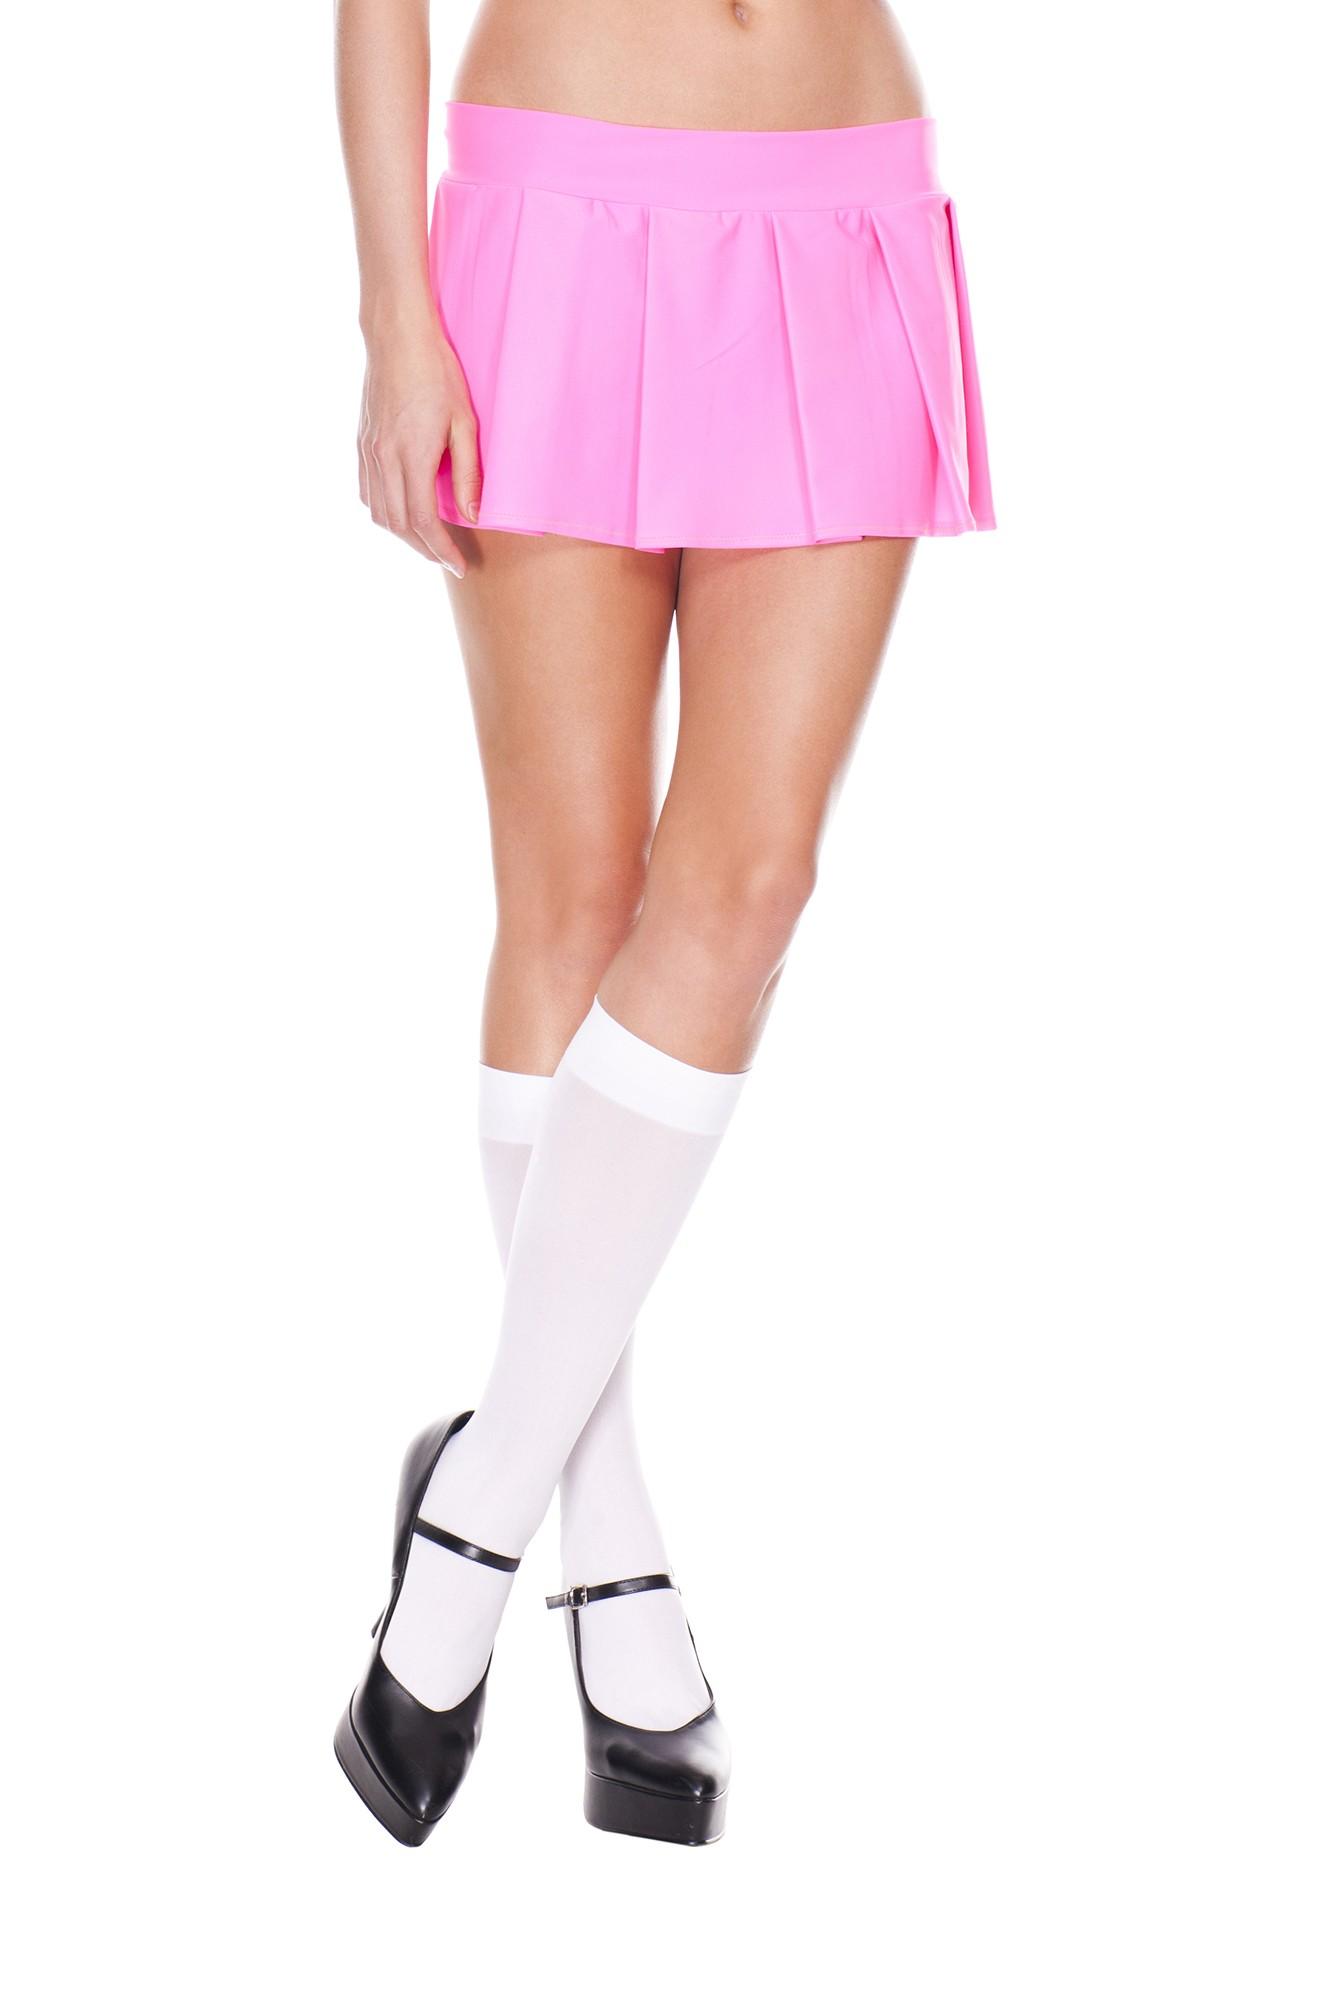 Pleated spandex mini skirt hot pink 25075 Edmonton